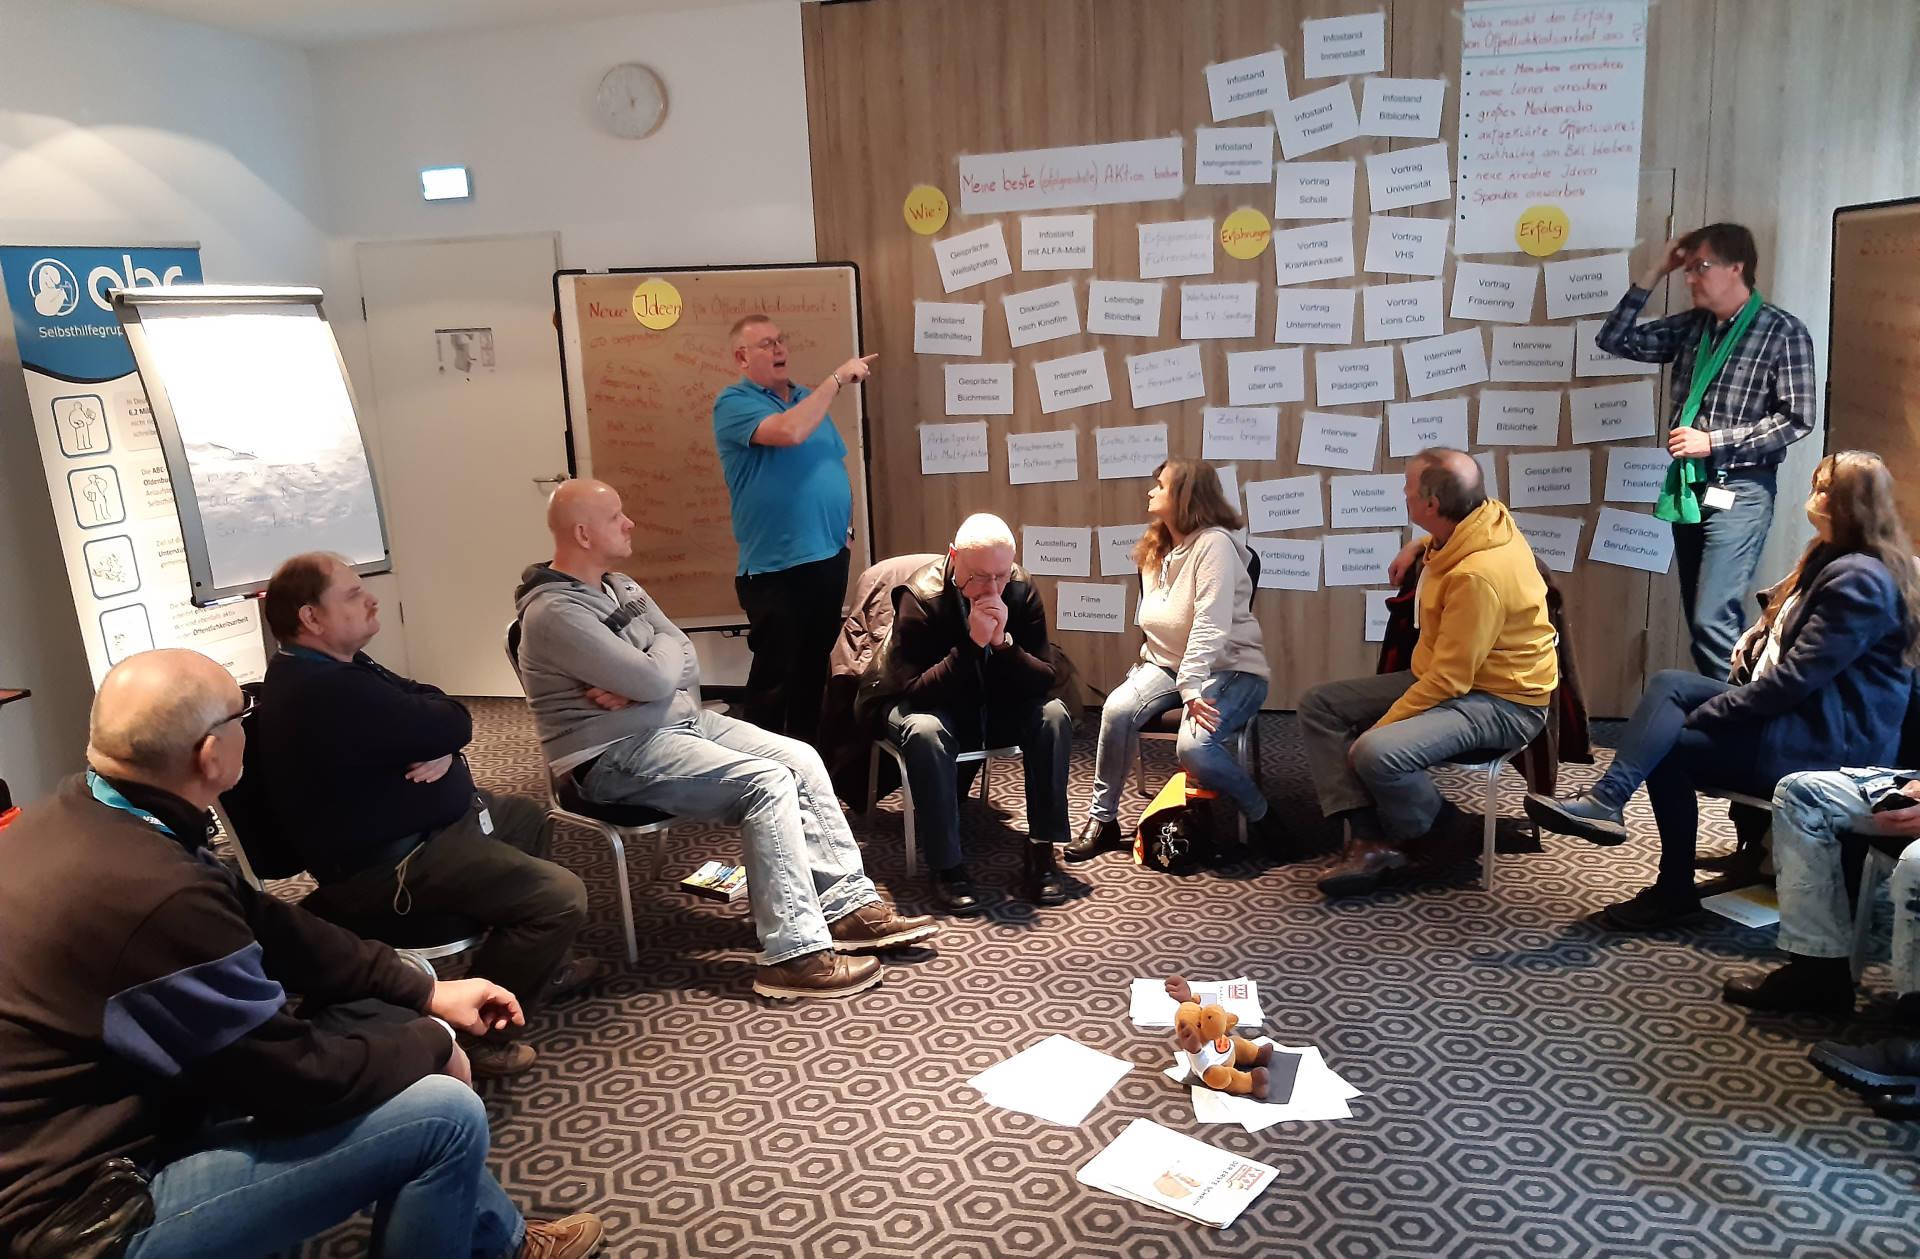 Präsentation der erarbeiteten Ergebnisse in den Workshop-Räumen